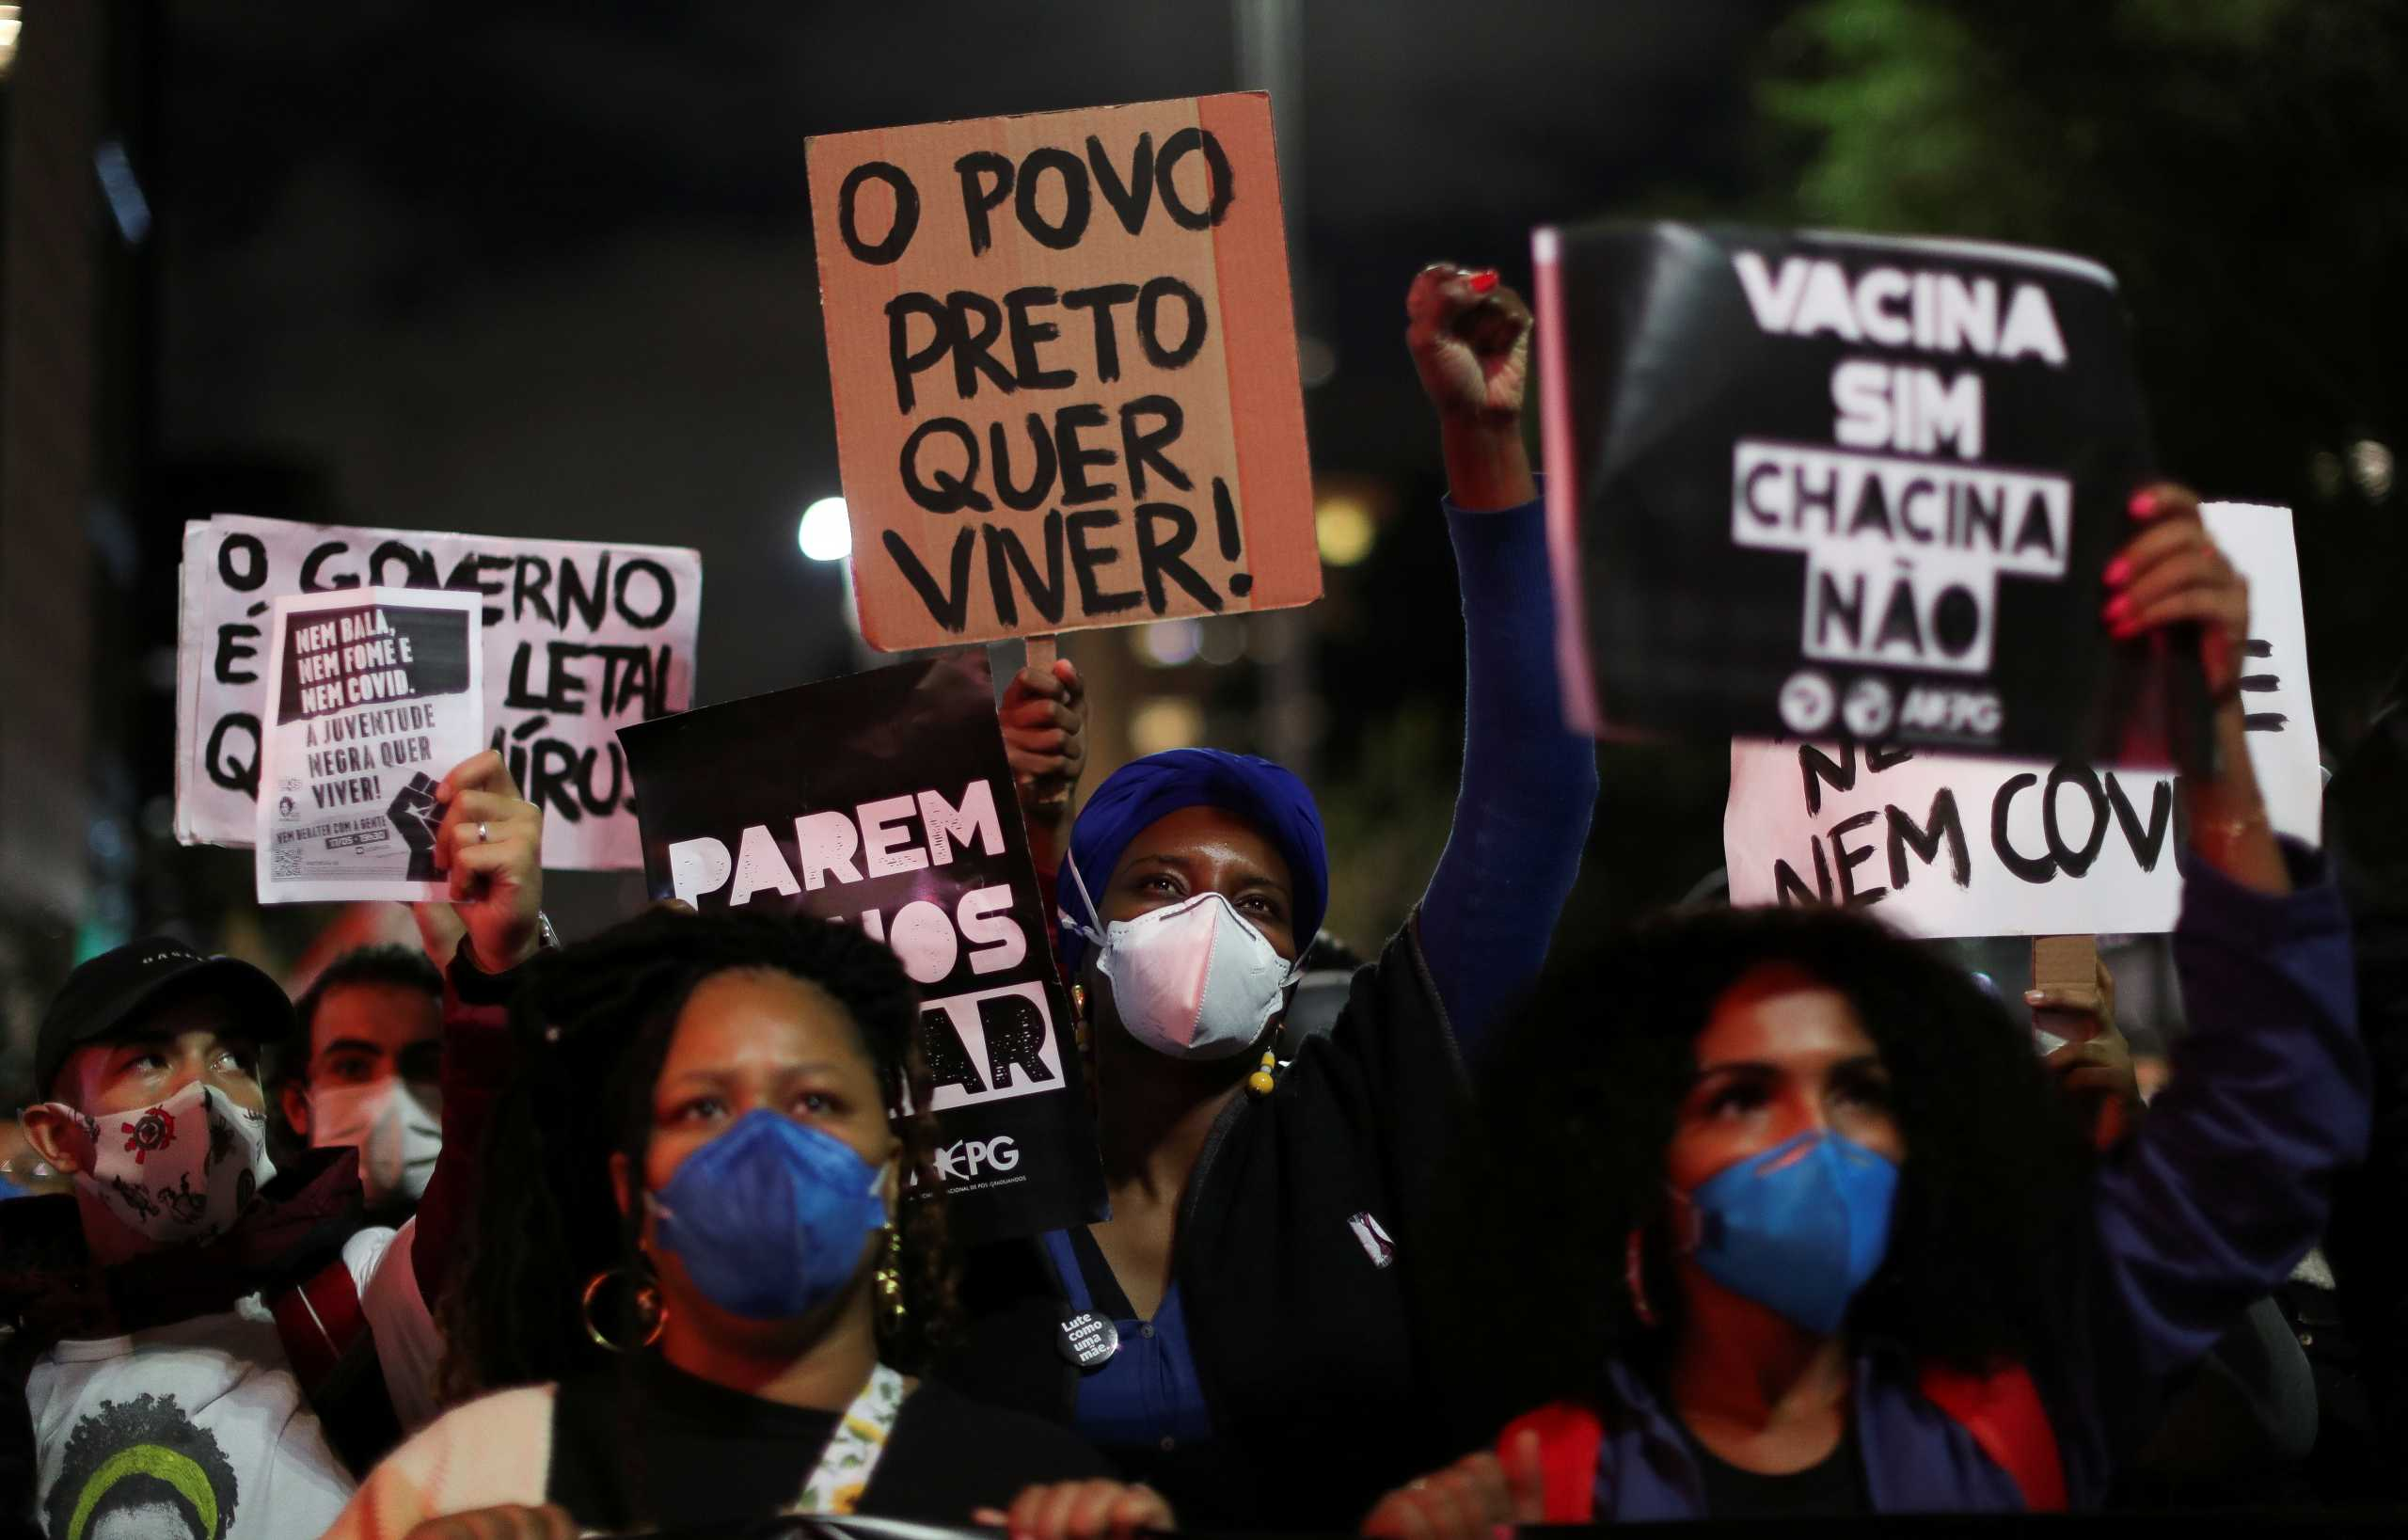 Βραζιλία: Χιλιάδες διαδήλωσαν κατά της αστυνομικής βίας και του ρατσισμού και μετά τη σφαγή σε φαβέλα (pics, vid)